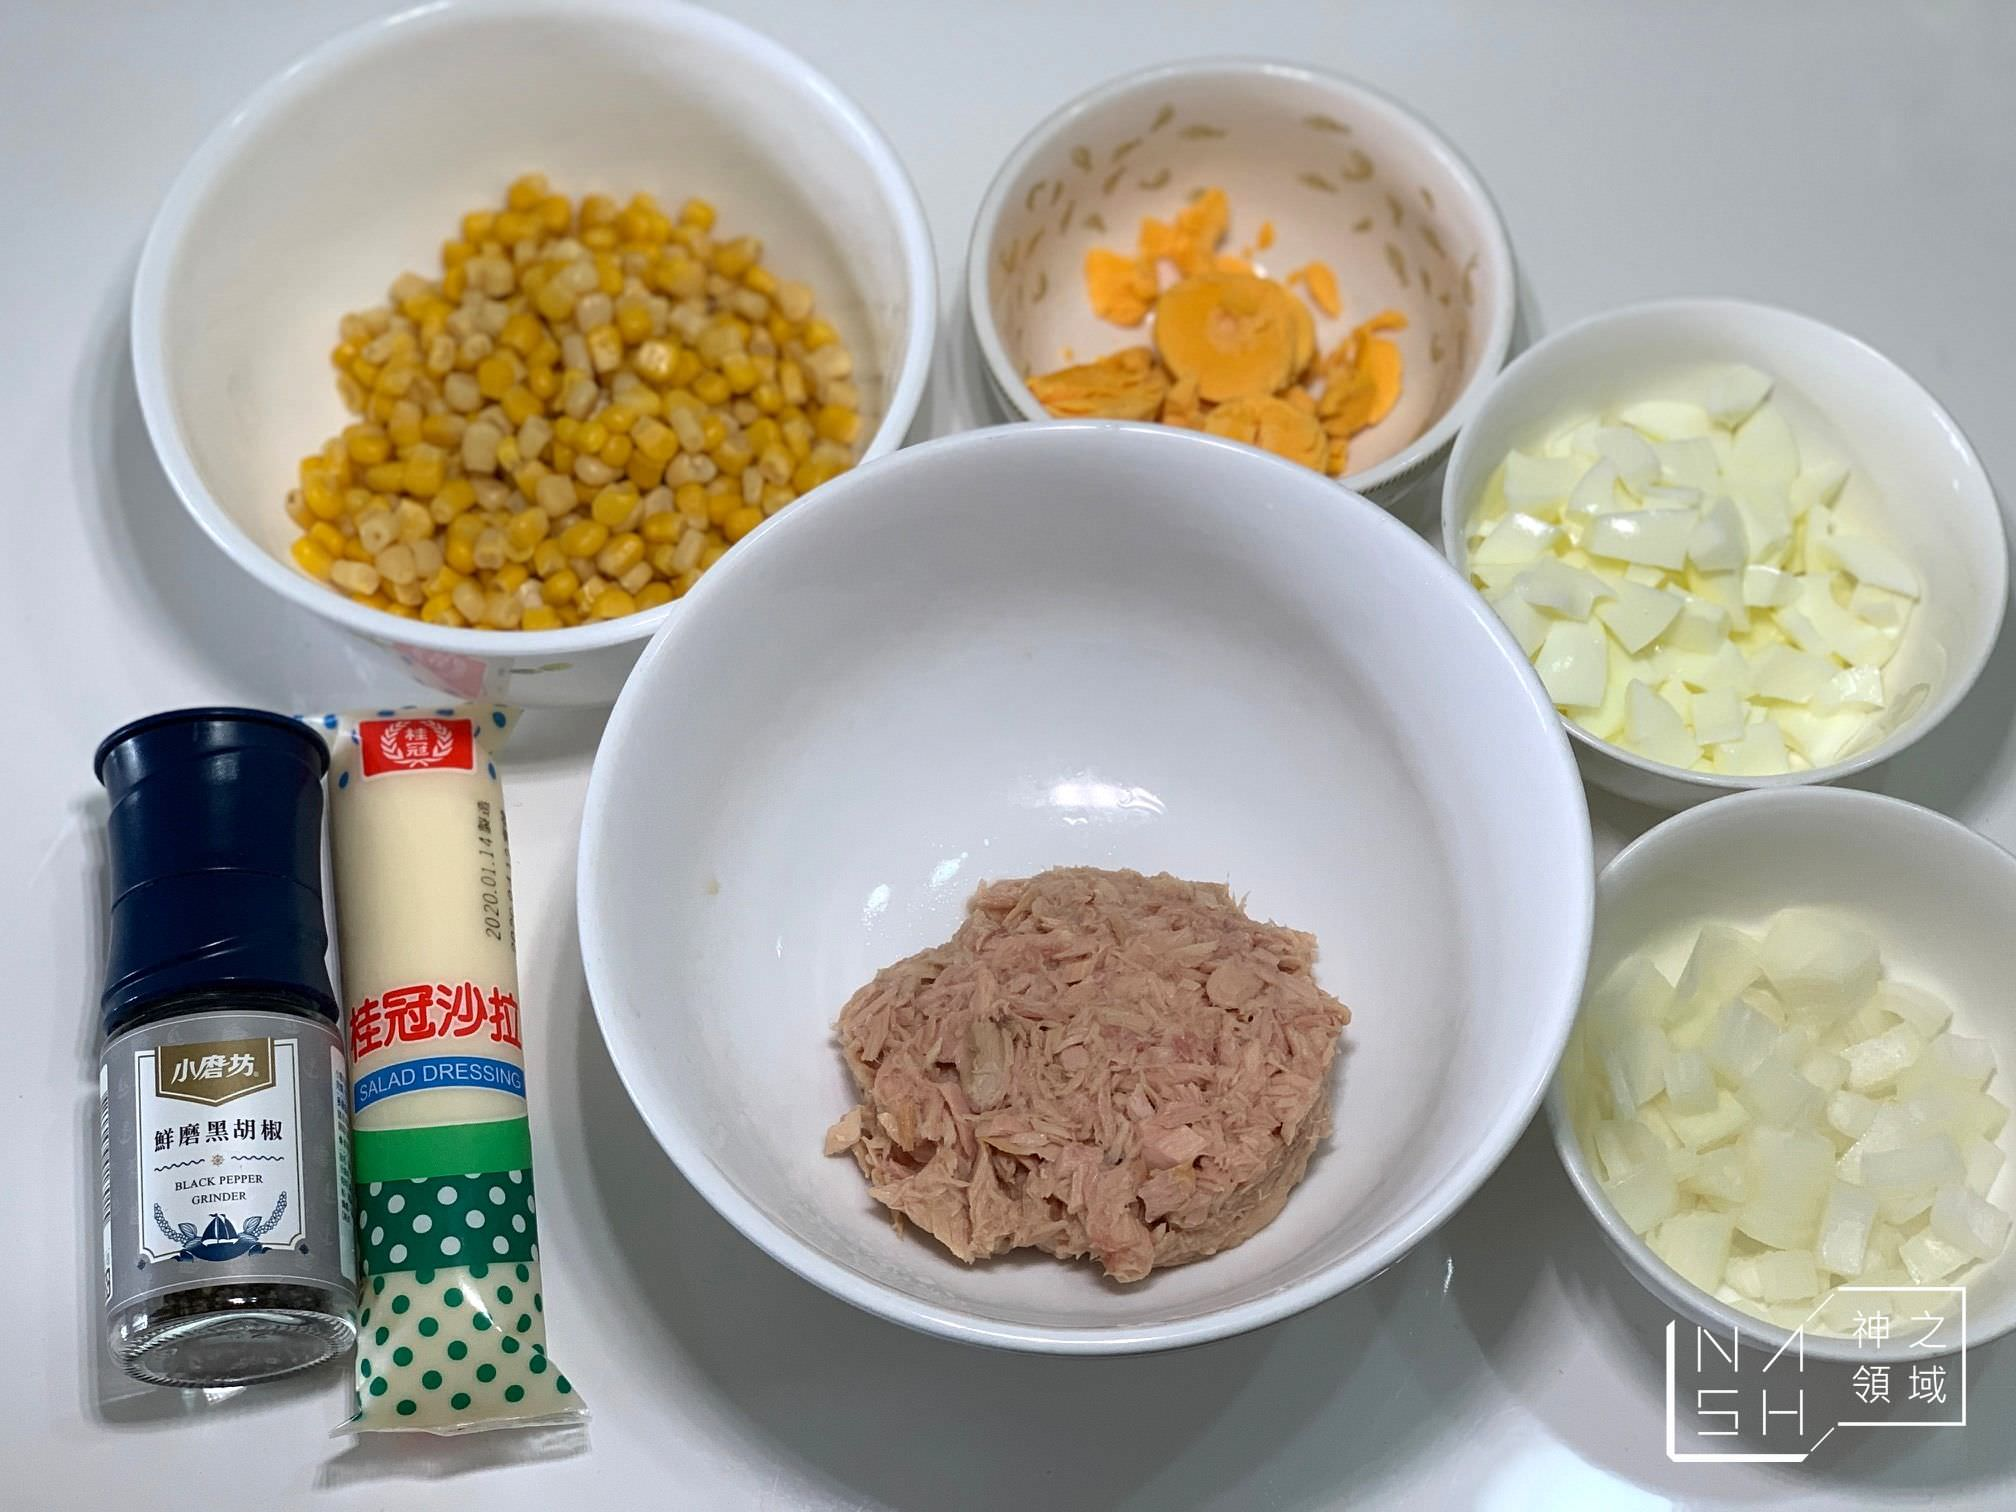 鮪魚蛋沙拉食譜